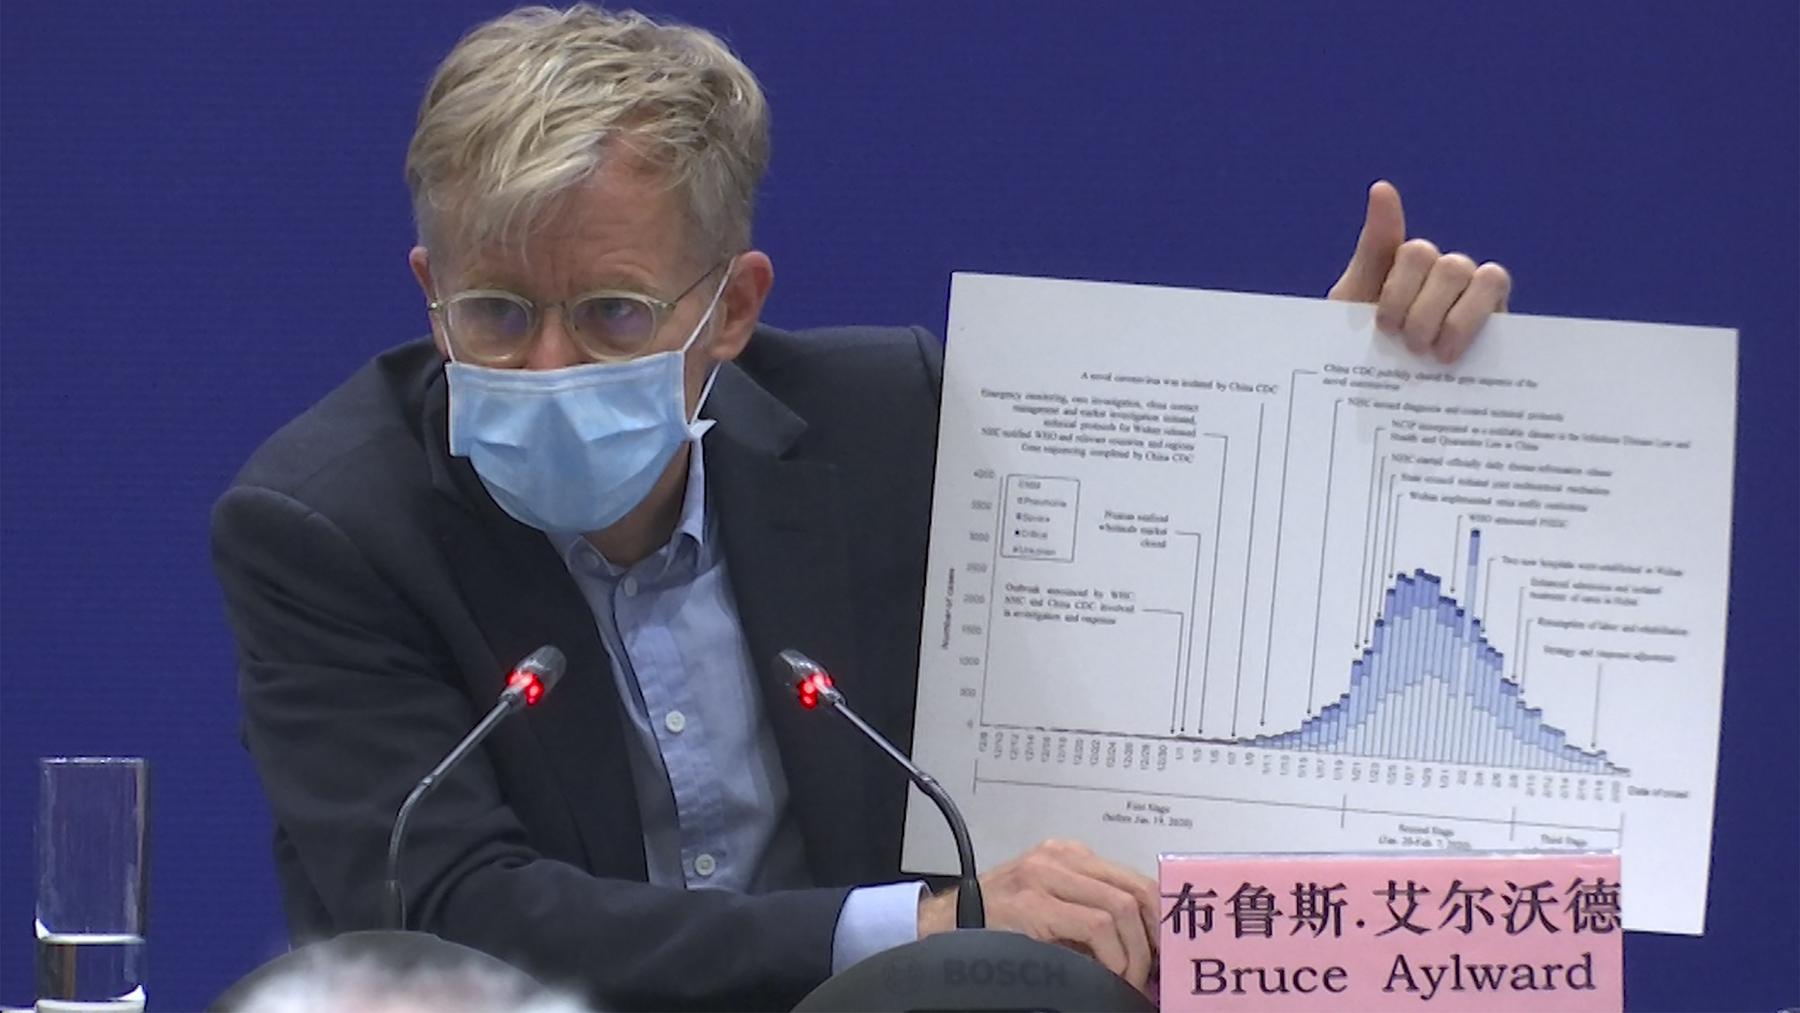 世界卫生组织关于布鲁斯艾尔沃德在北京出席记者会。(美联社)